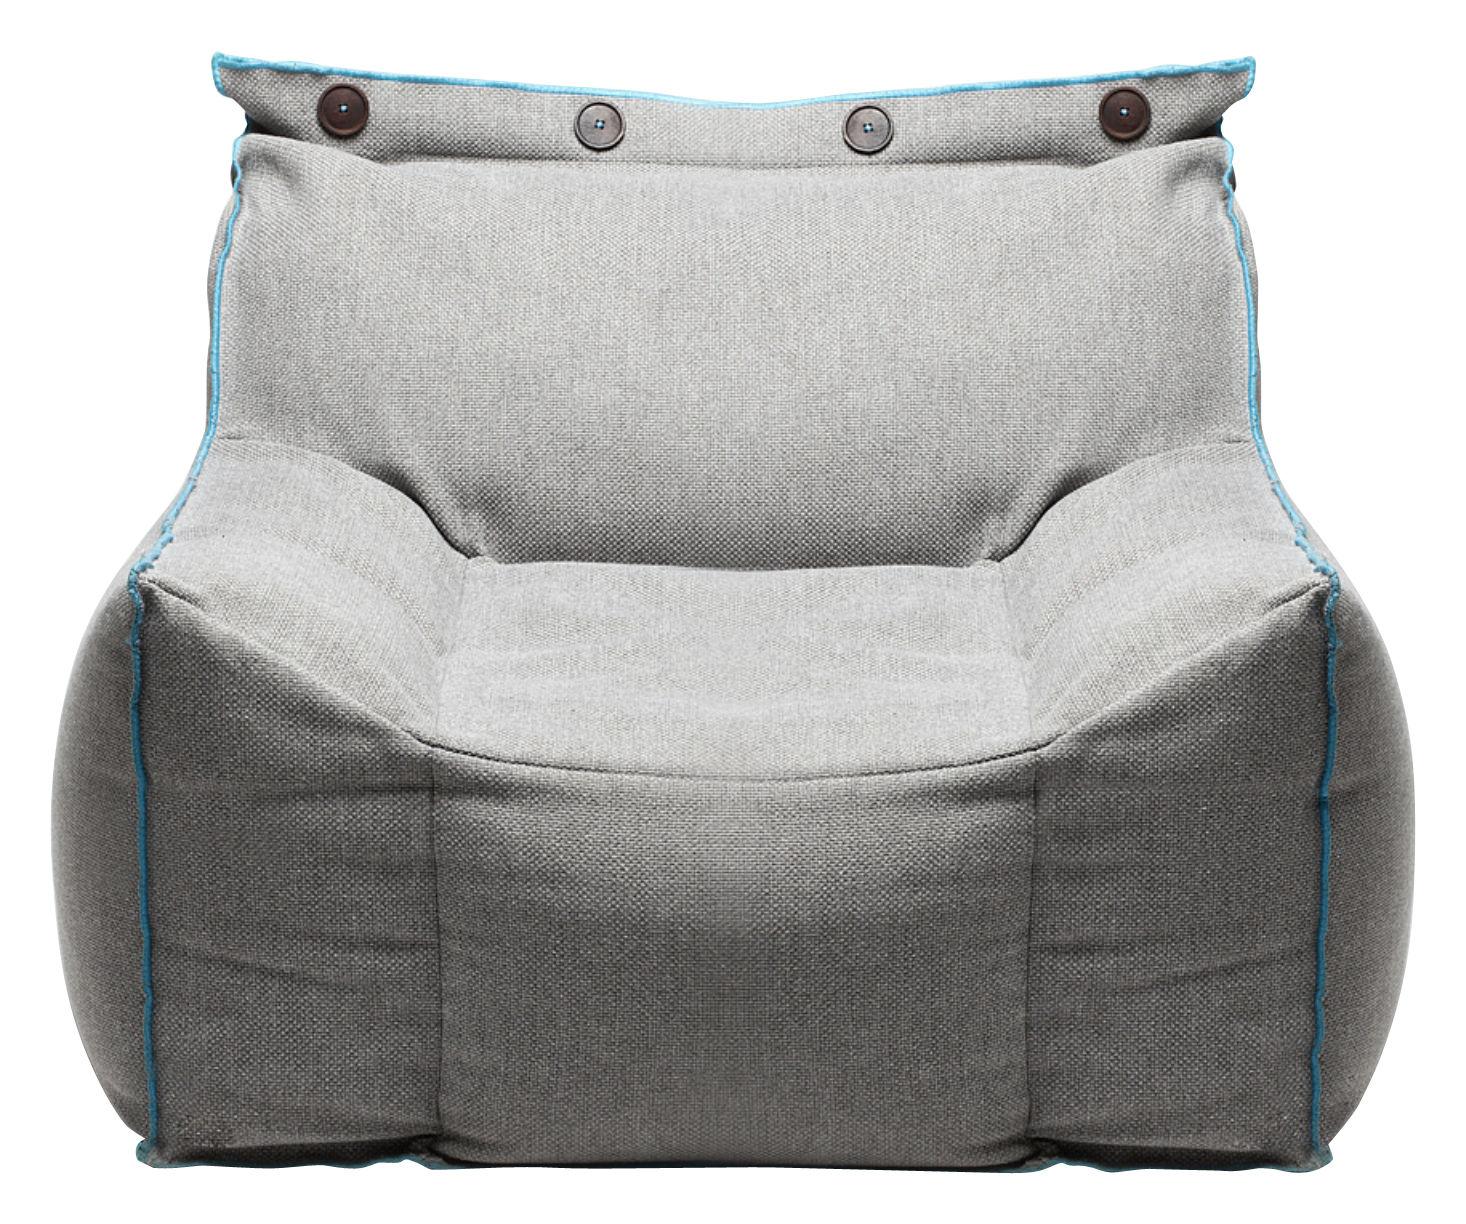 Mobilier - Fauteuils - Fauteuil Frolla tissu - Pour l'intérieur - Skitsch - Tissu gris & liseré bleu - Fibre de polyester, Tissu